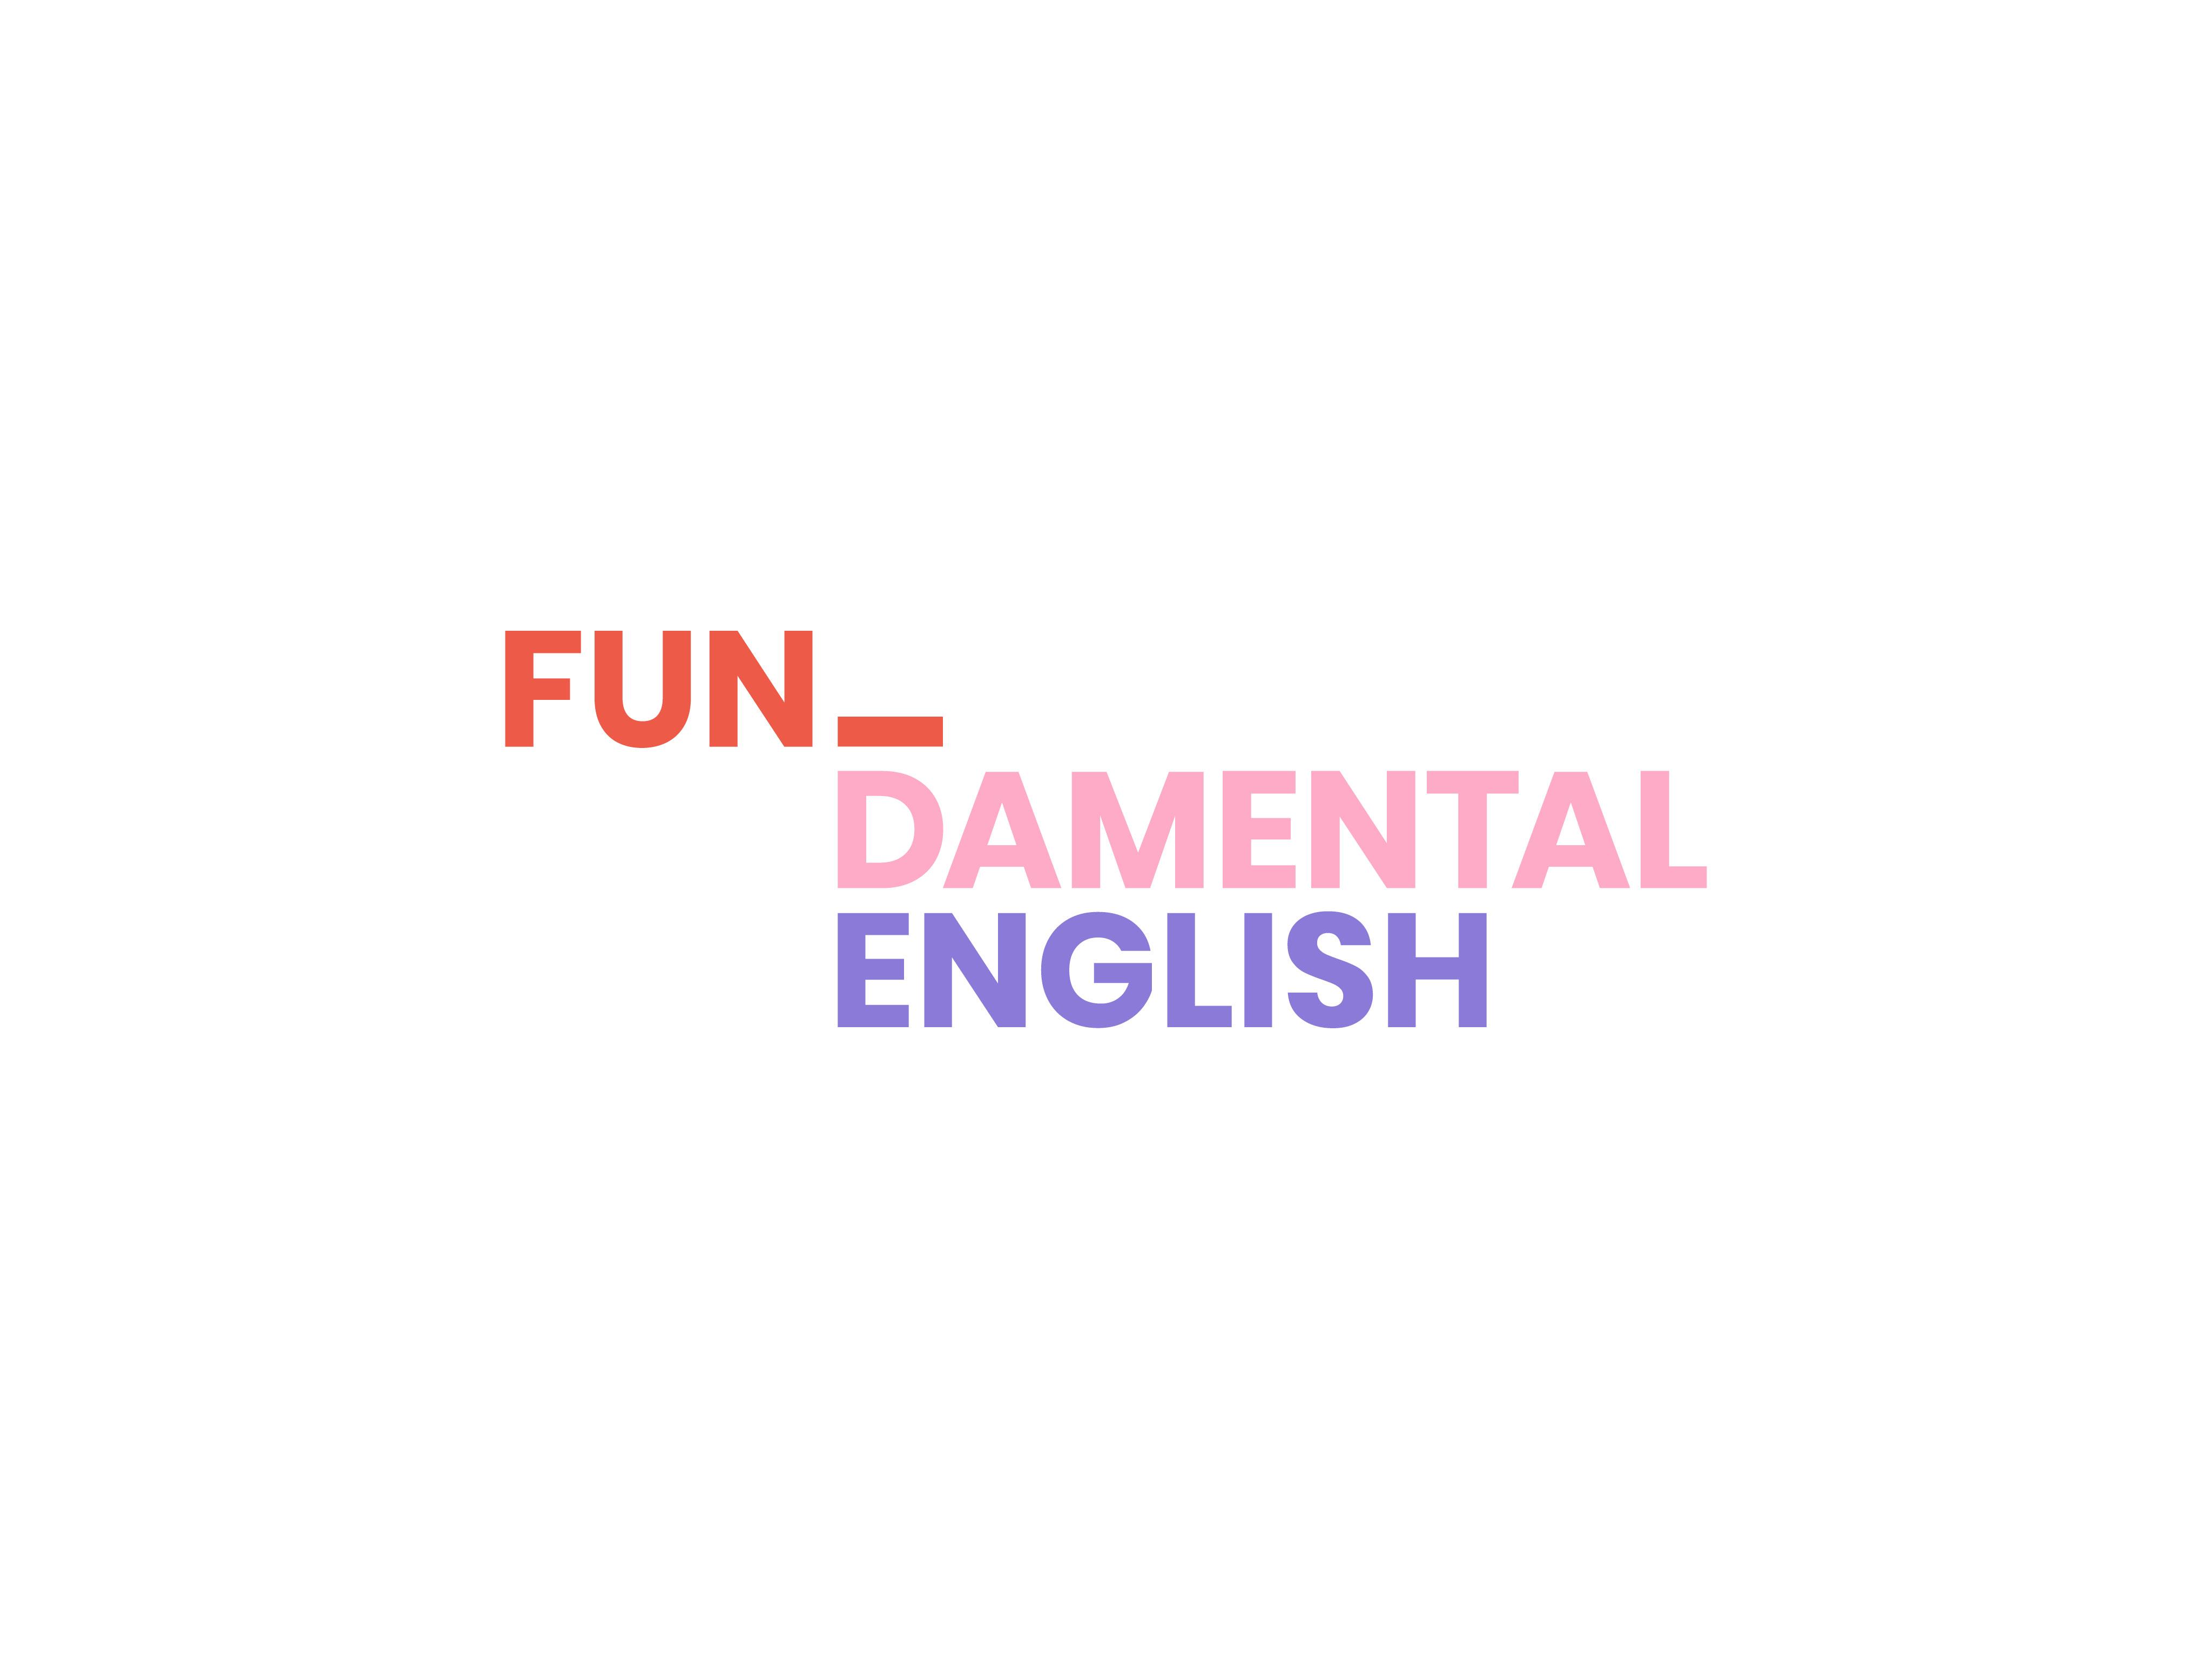 Fundamental English by Avocado - Creative Work